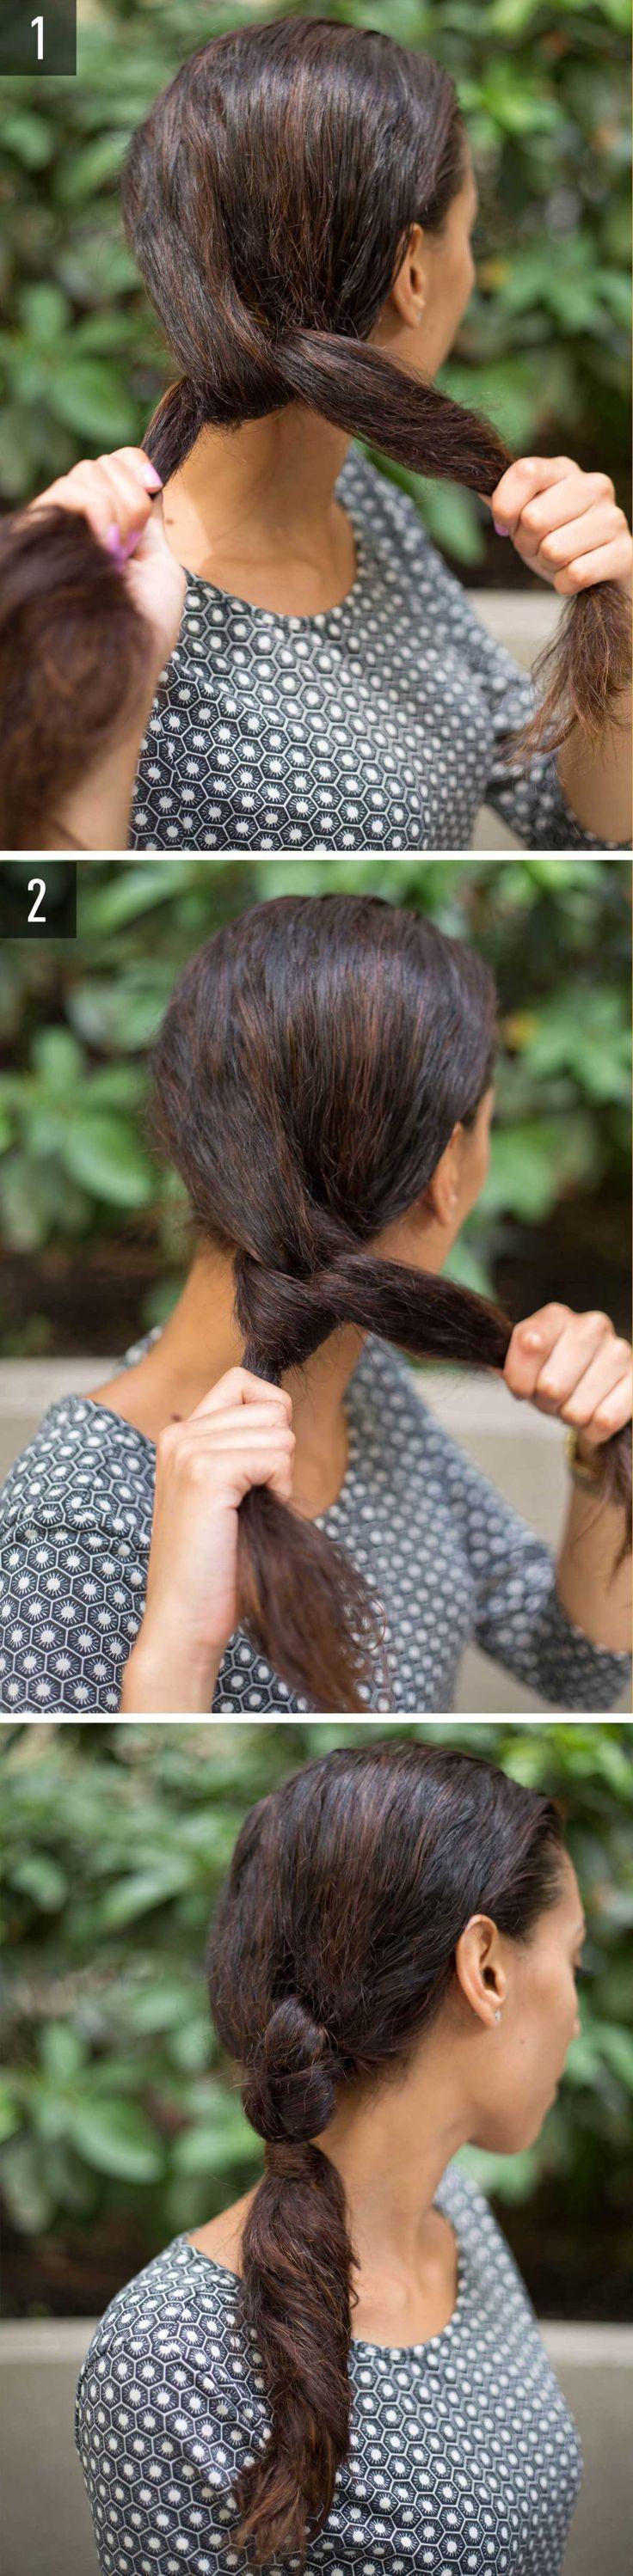 15 pettinature per capelli lunghi facili e risolutive per le vacanze